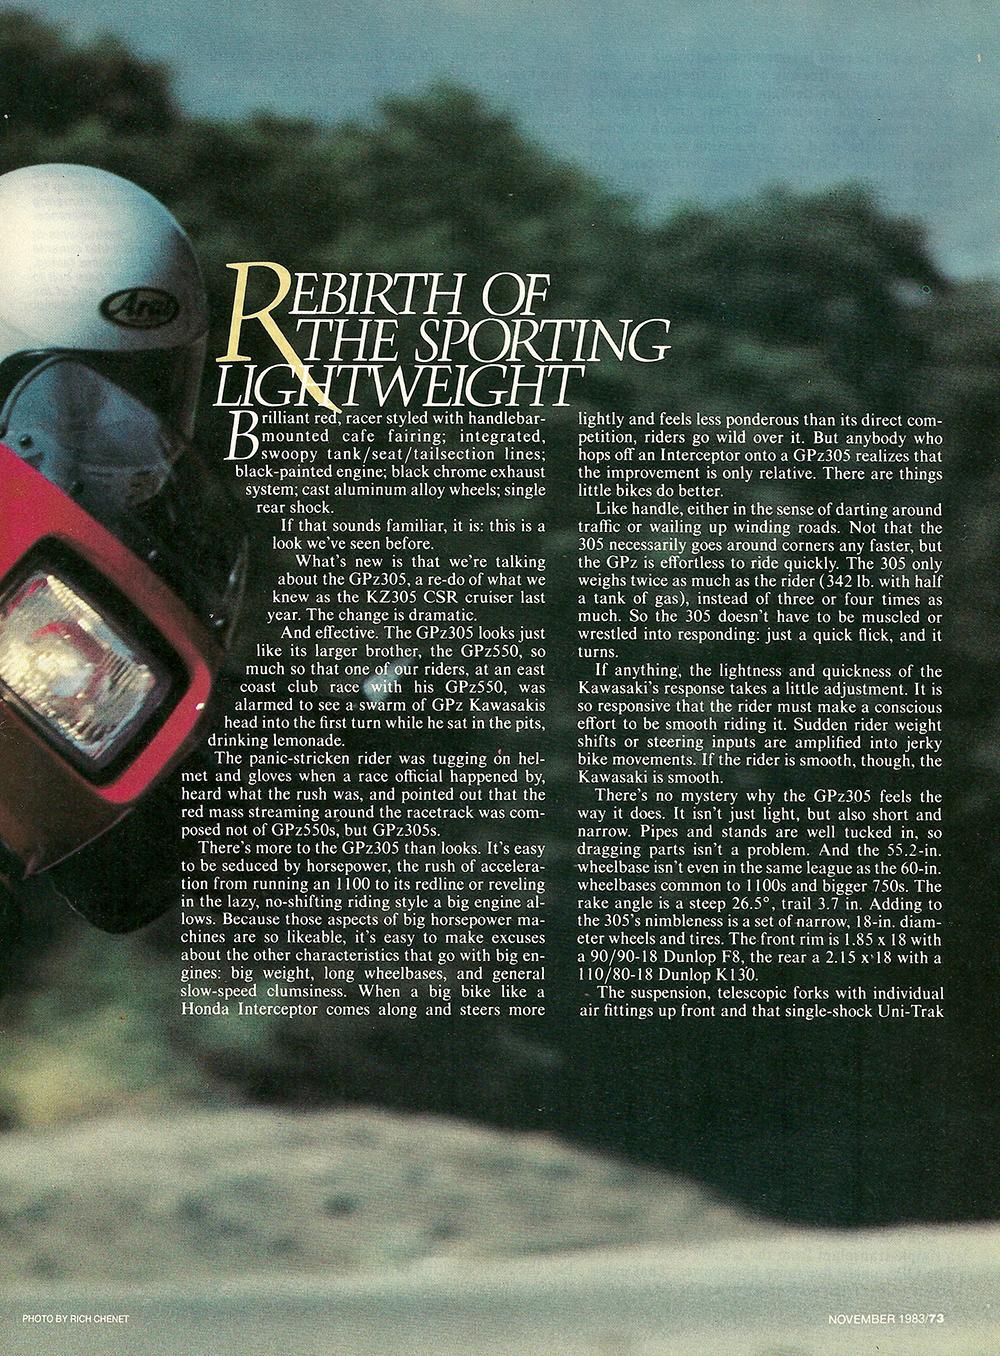 1983 Kawasaki gpz305 02.jpg